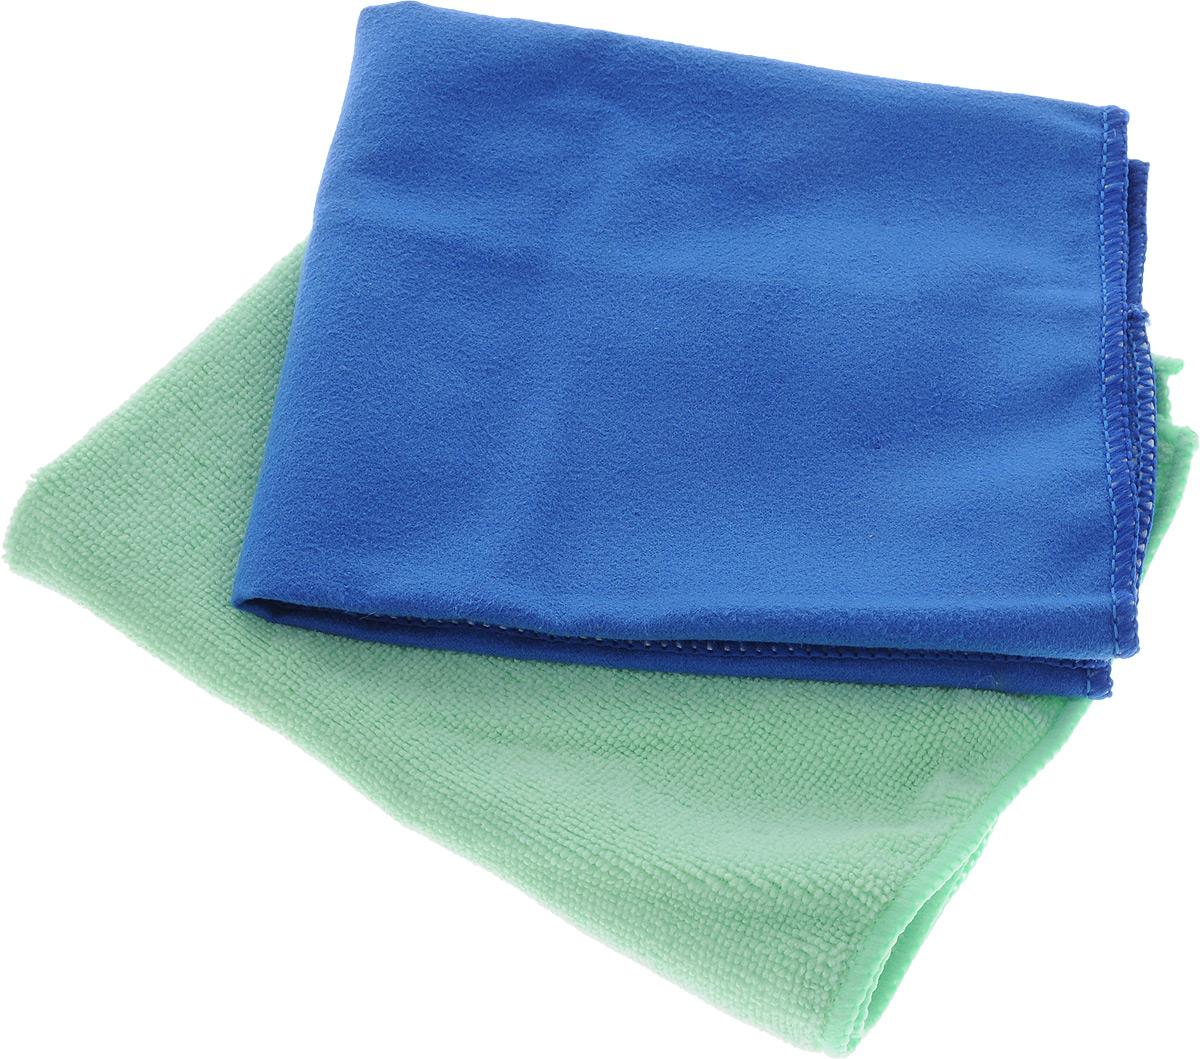 Салфетка чистящая Sapfire Cleaning Сloth & Suede, цвет: синий, салатовый, 35 х 40 см, 2 шт96281389Благодаря своей уникальной ворсовой структуре, салфетки Sapfire Cleaning Сloth & Suede прекрасно подходят для мытья и полировки автомобиля.Материал салфеток: микрофибра (85% полиэстер и 15% полиамид), обладает уникальной способностью быстро впитывать большой объем жидкости. Клиновидные микроскопические волокна захватывают и легко удерживают частички пыли, жировой и никотиновый налет, микроорганизмы, в том числе болезнетворные и вызывающие аллергию. Протертая поверхность становится идеально чистой, сухой, блестящей, без разводов и ворсинок. Допускается машинная и ручная стирка слабым моющим раствором в теплой воде.Отбеливание и глажка запрещены.Размер салфеток: 35 х 40 см.